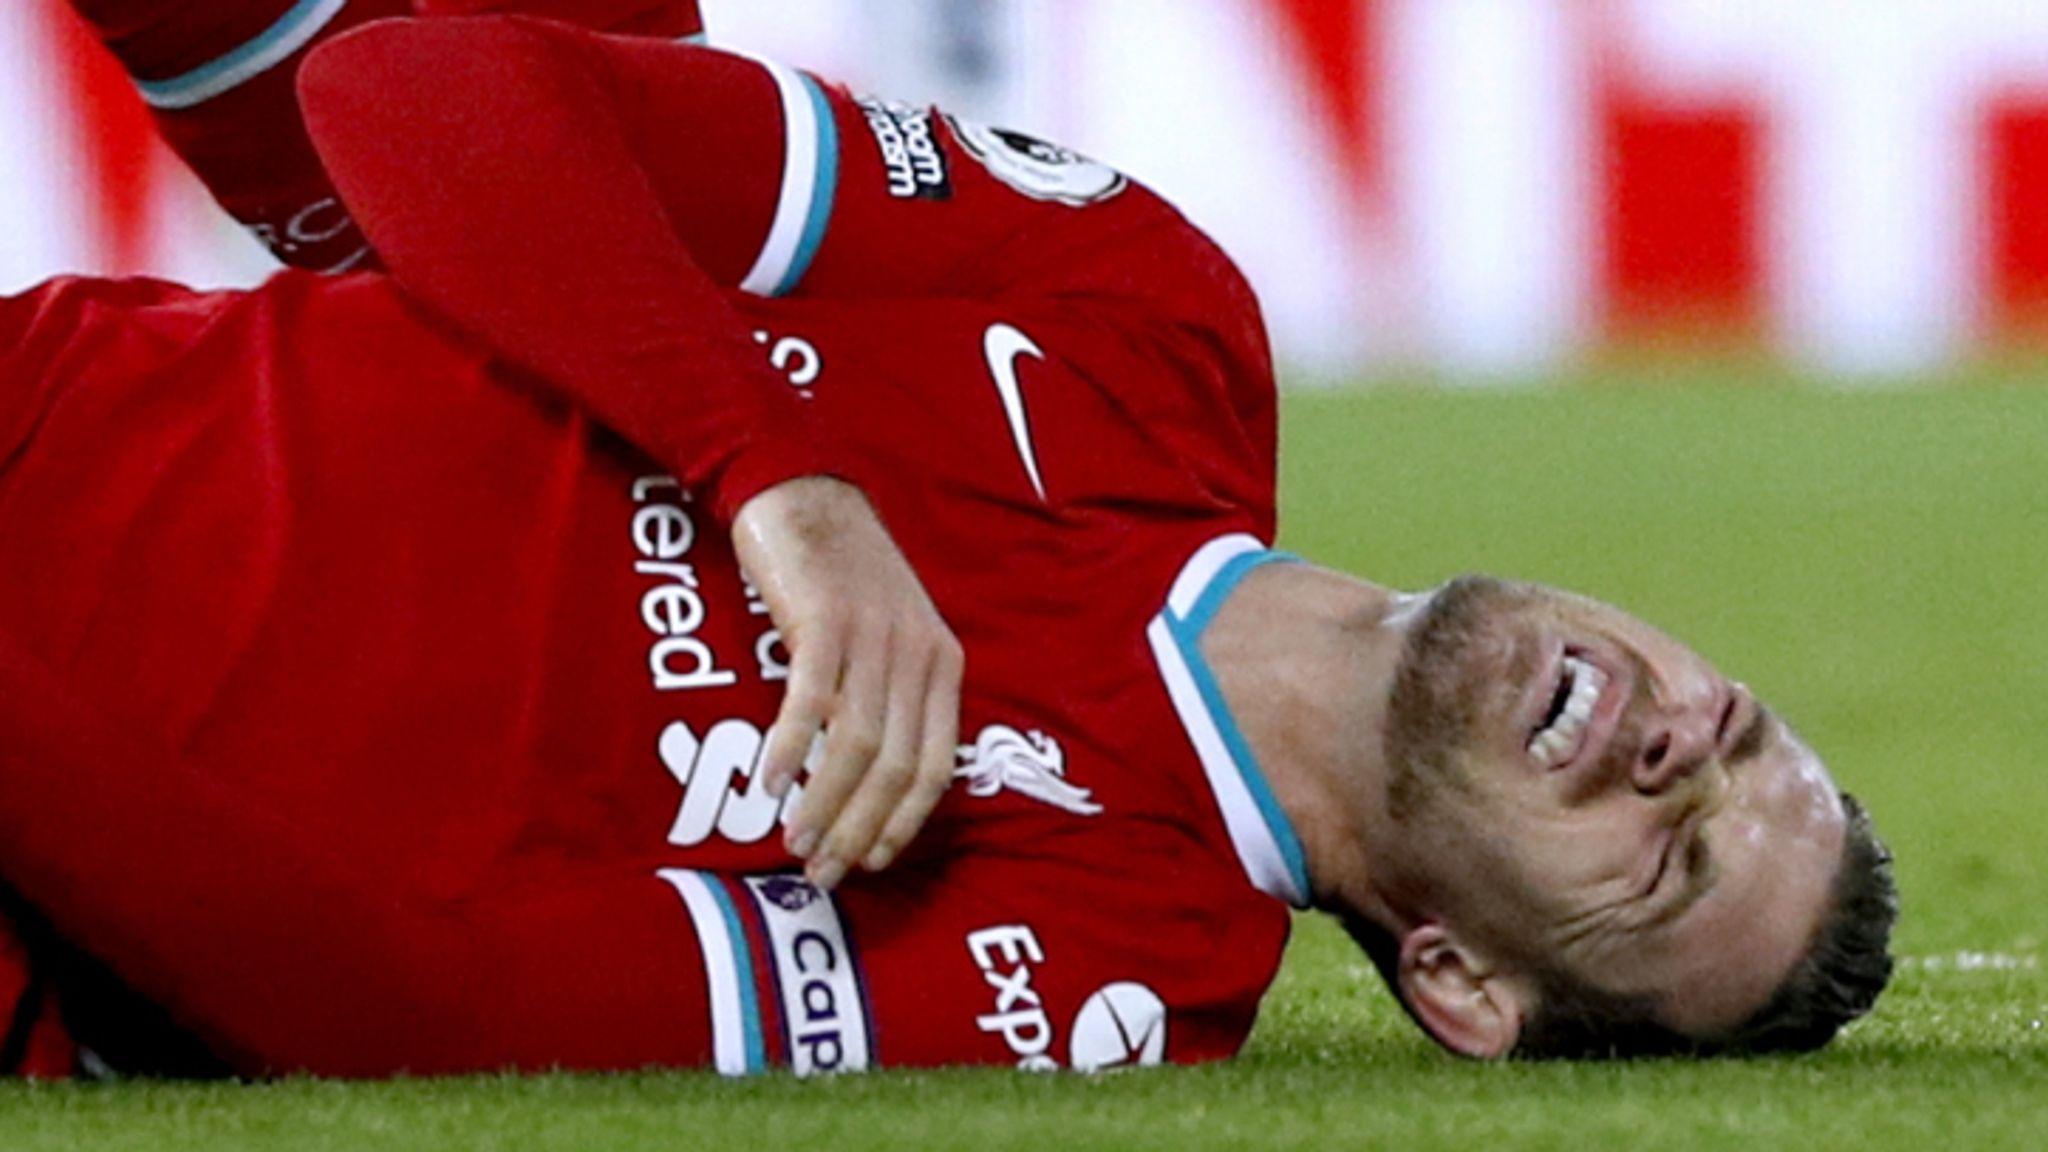 Henderson mắc chấn thương đau gót chân Fasciitis hiếm gặp và khó chữa dứt điểm